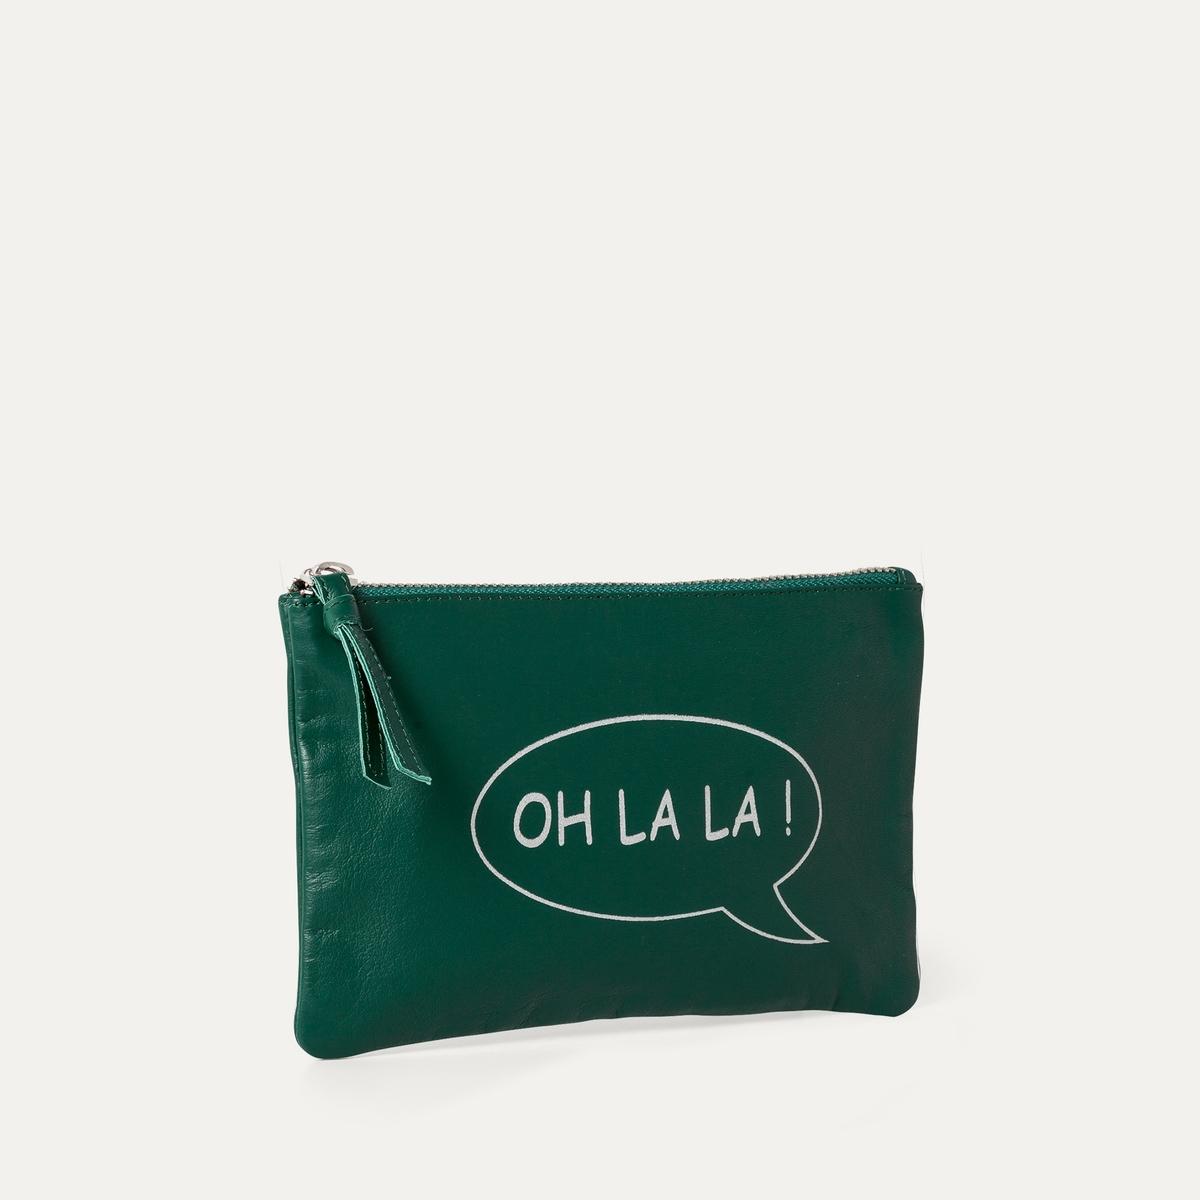 Клатч OHLALAКлатч PETITE MENDIGOTE, модель OHLALA. Из кожи. Подкладка из ткани. Застежка на молнию. Надпись 'OH LA LA !' спереди . Состав и описание    Материал: 100% овечья кожа  Размер: Шир. 20 см x Выс. ок. 14 см.    Марка: PETITE MENDIGOTE.<br><br>Цвет: зеленый<br>Размер: единый размер